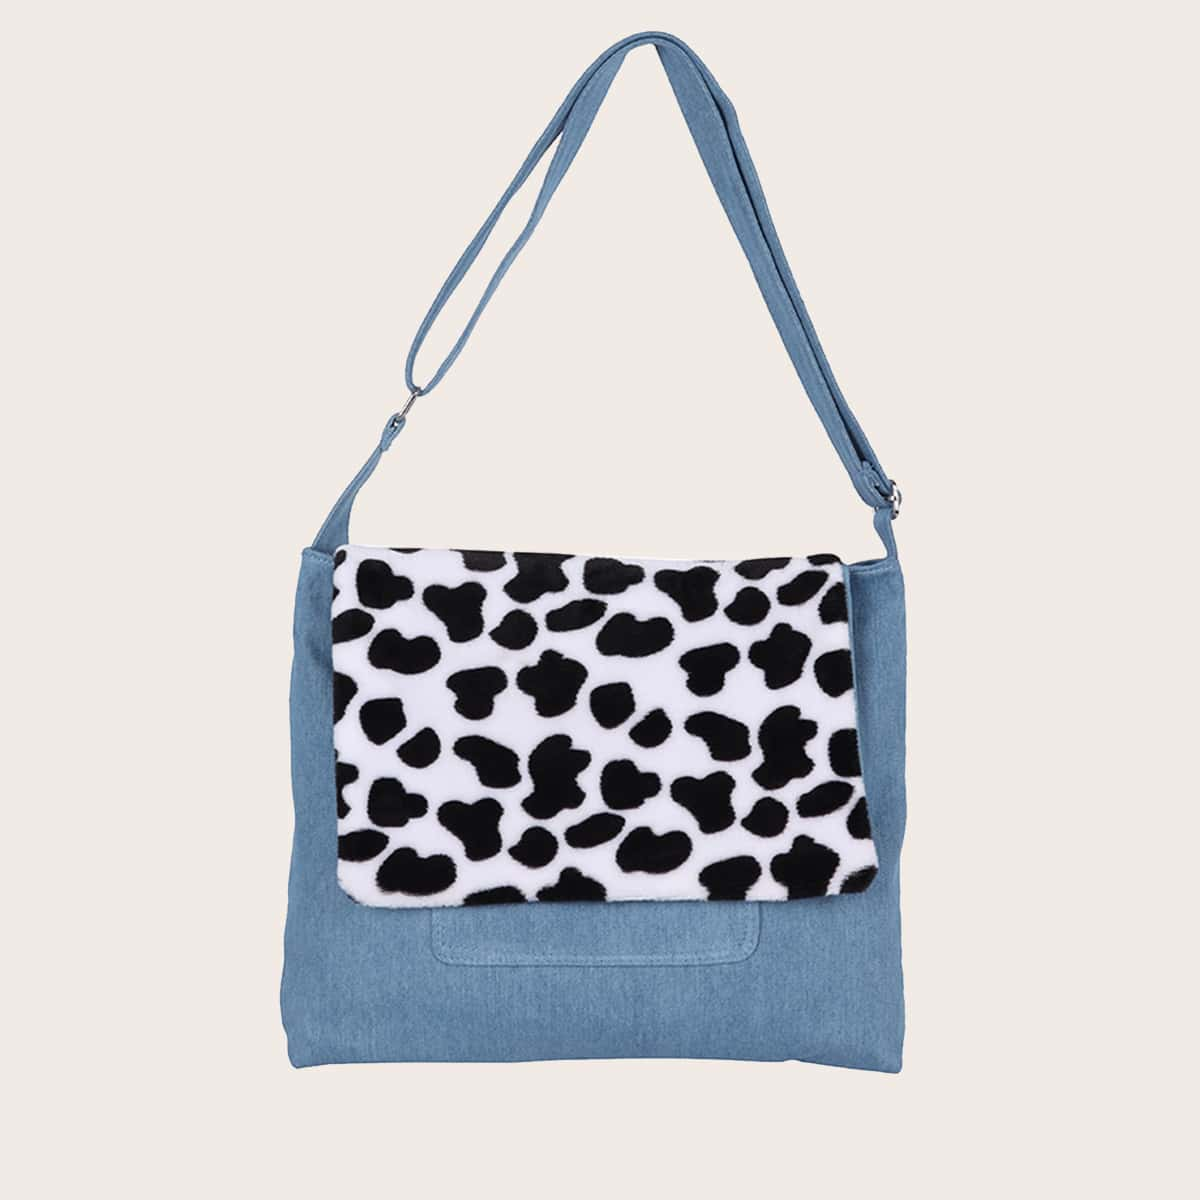 Джинсовая сумка на плечо с далматинским узором